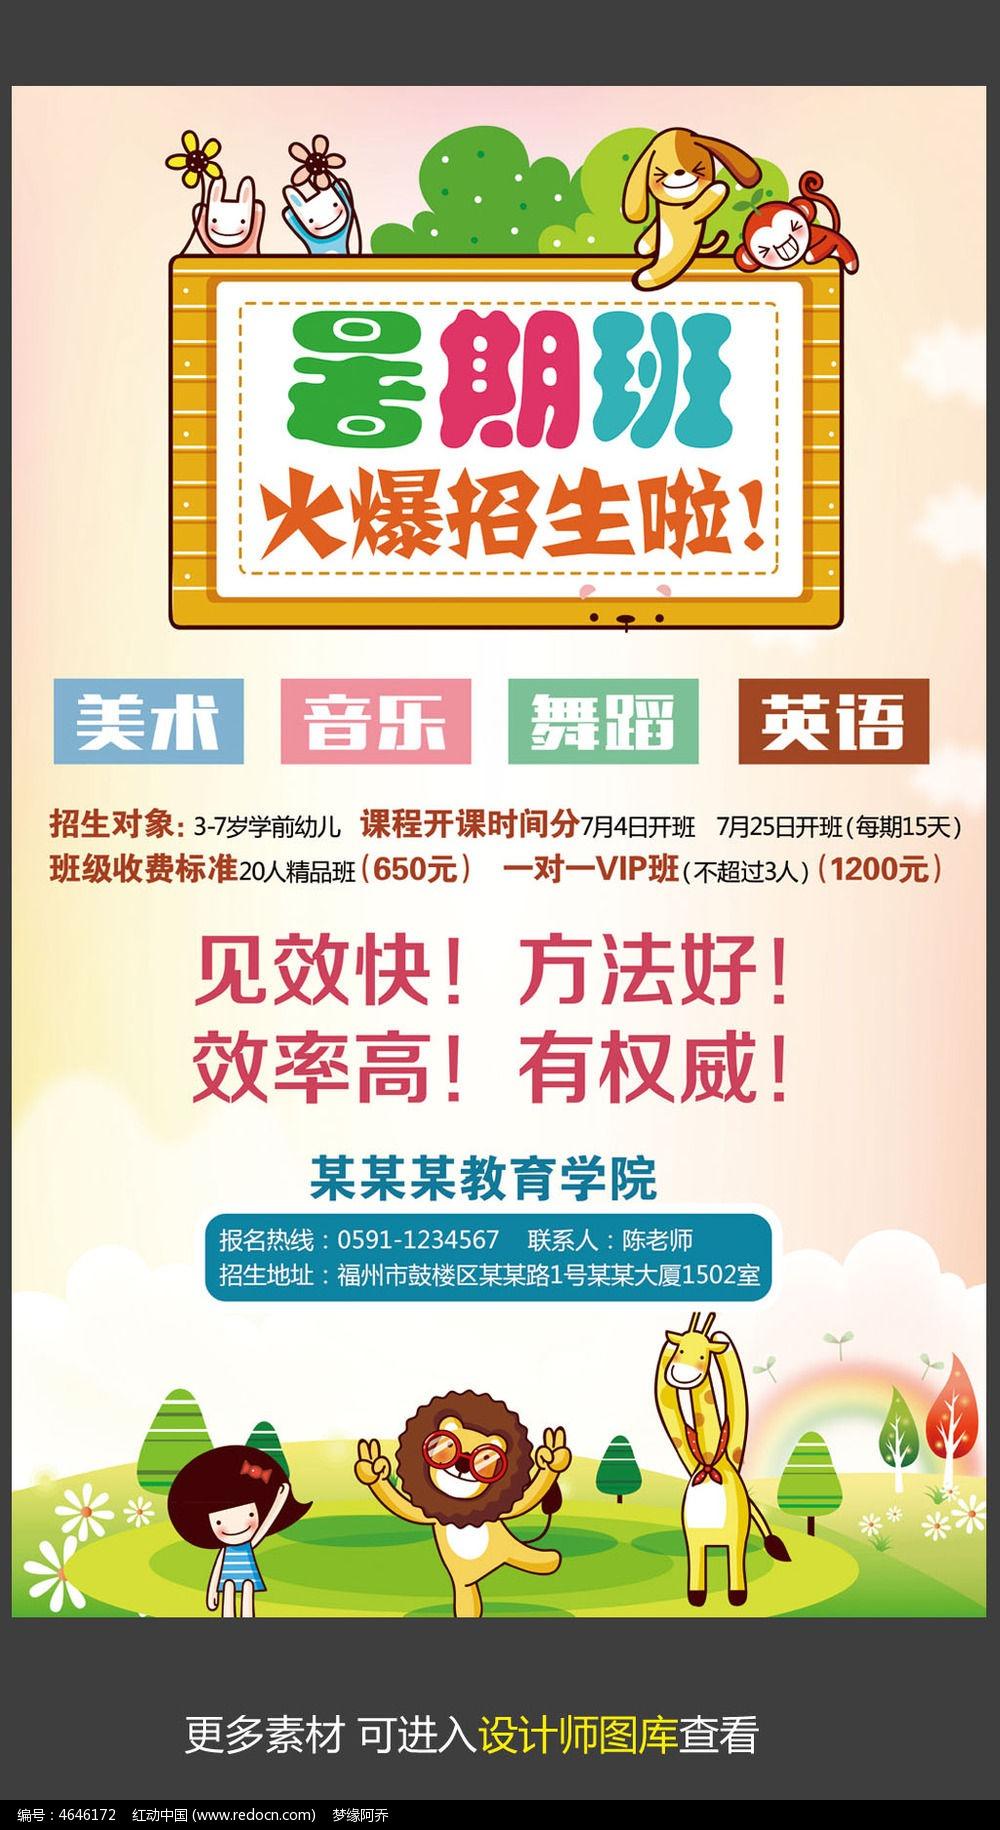 海报 幼儿园招生广告 招生宣传单